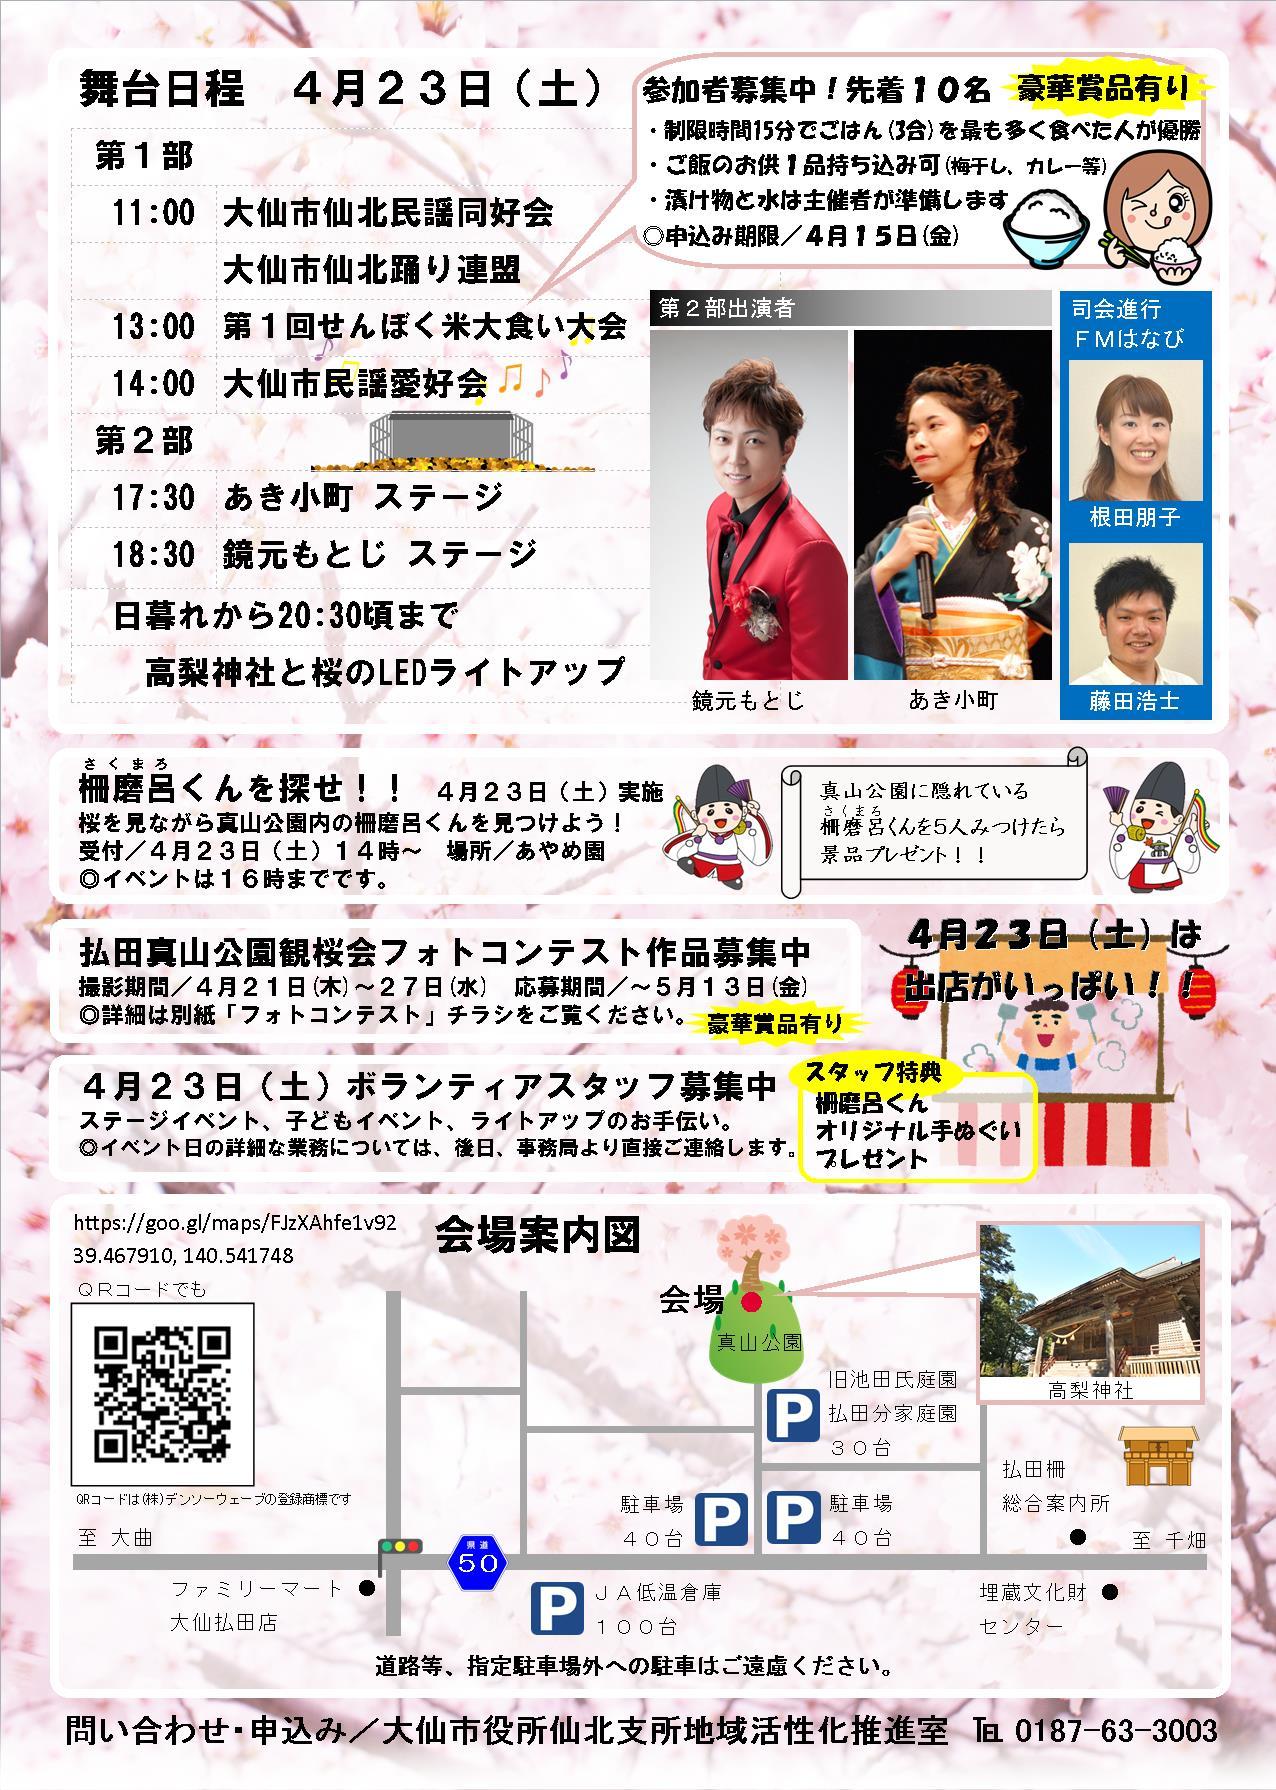 H28観桜会チラシ(裏)